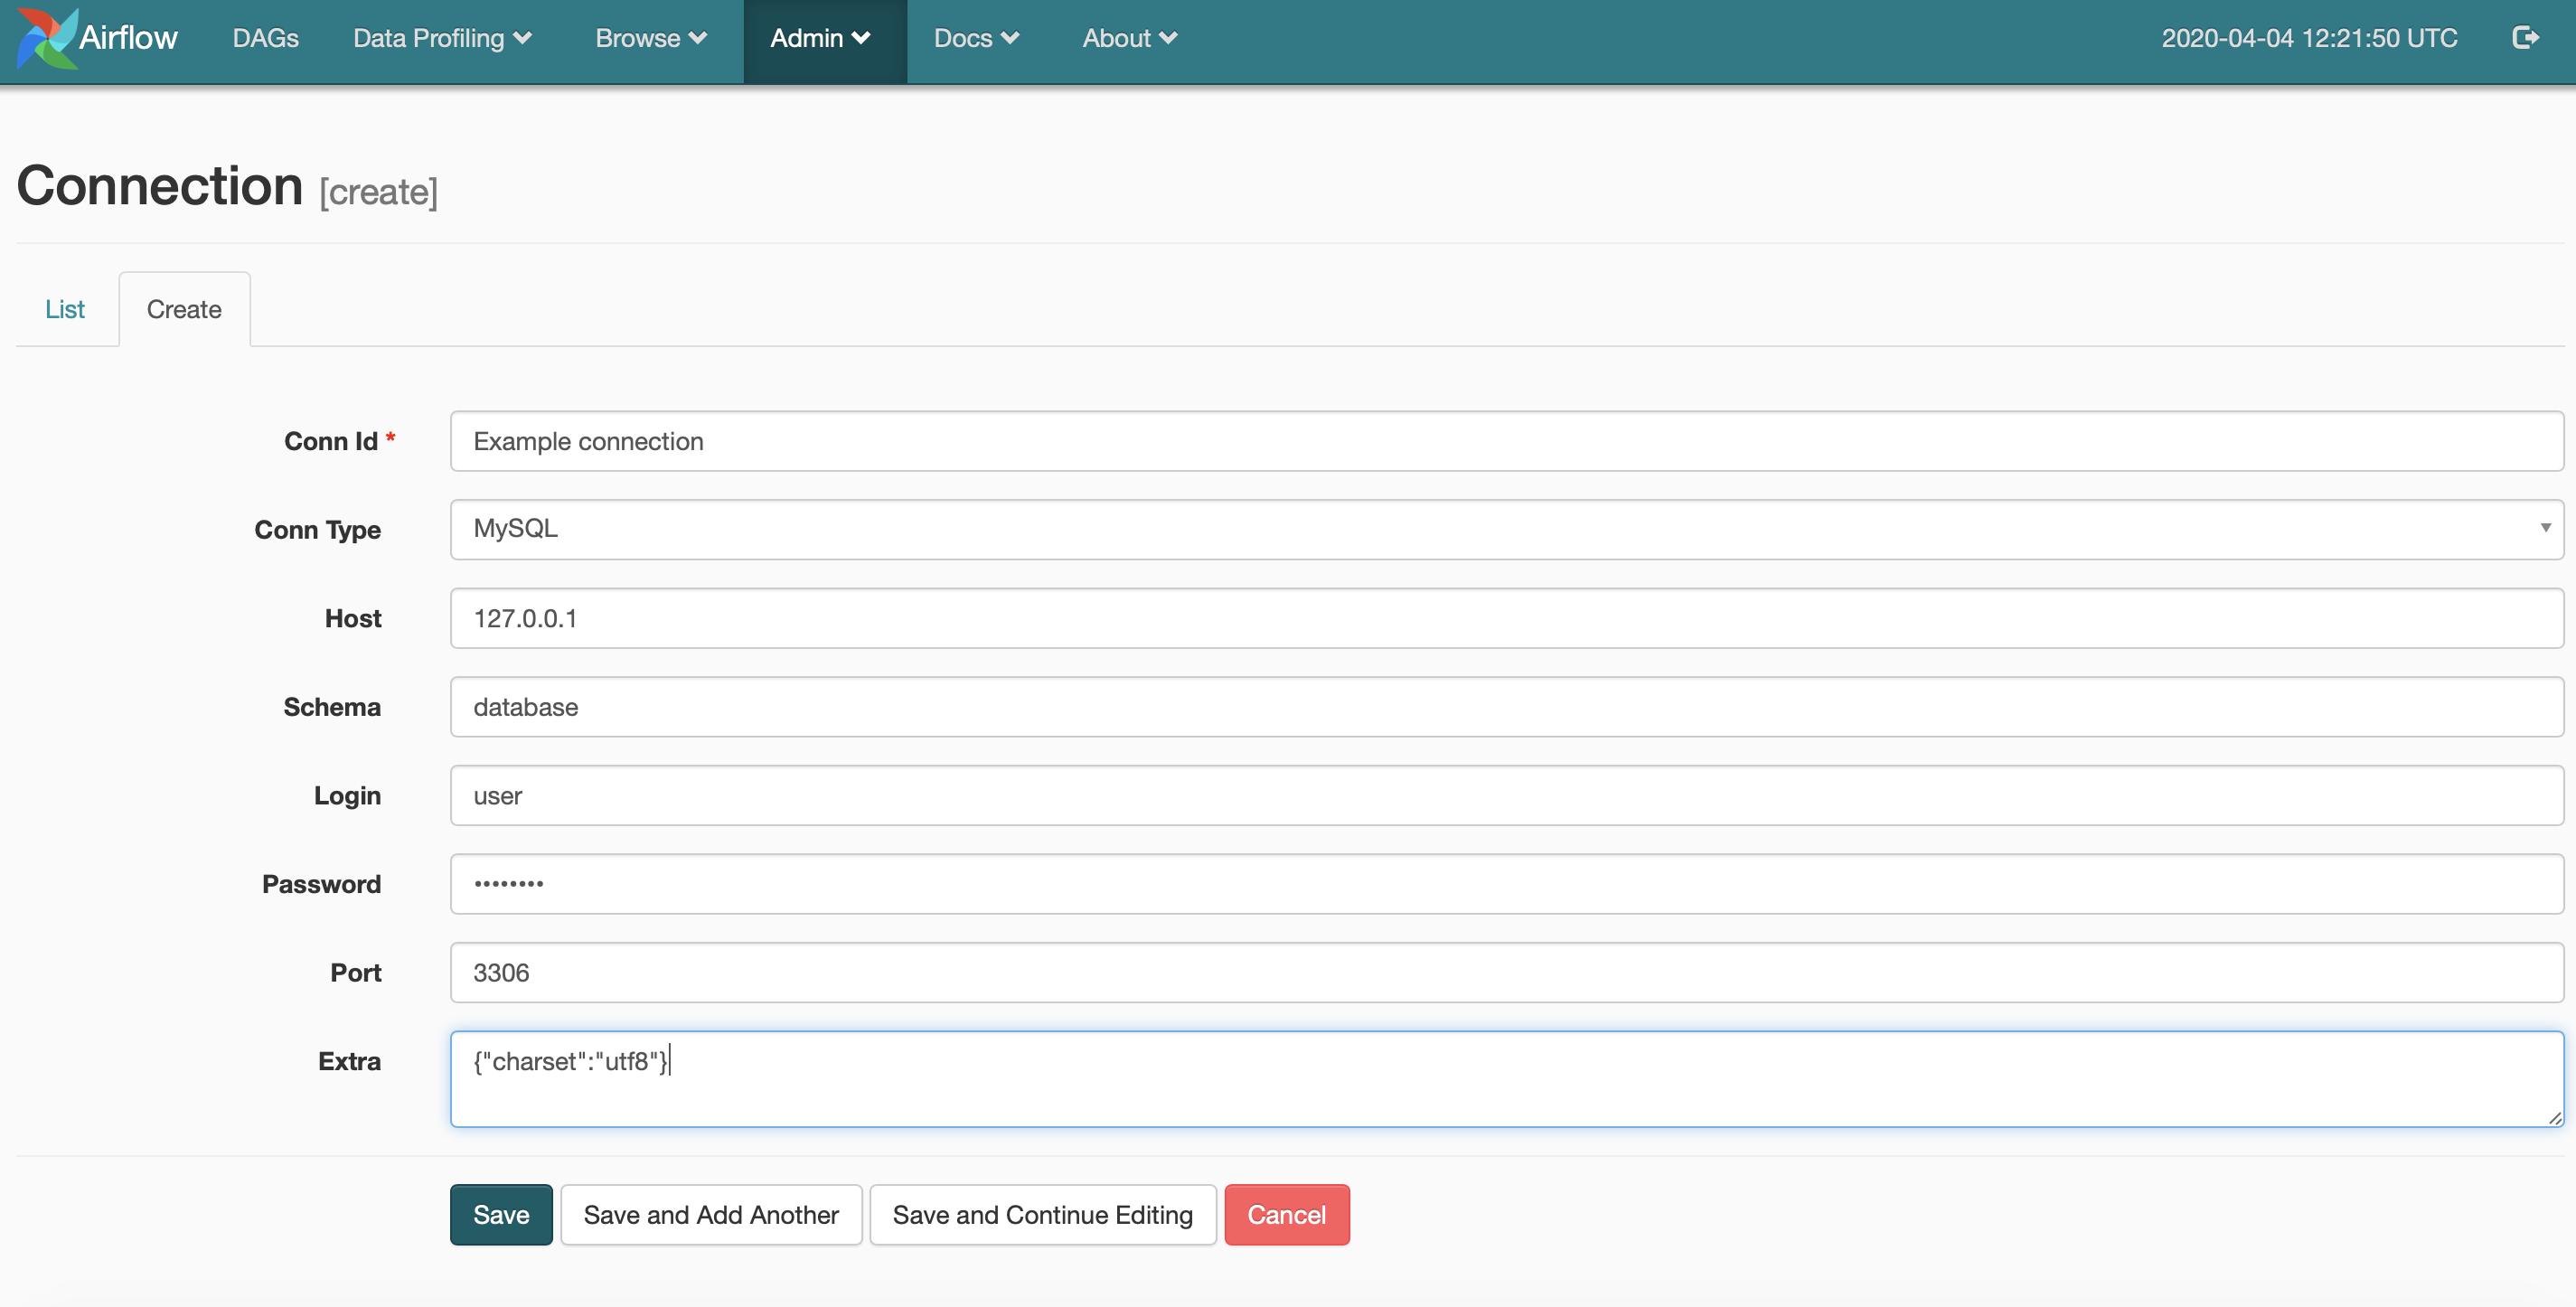 ETL процесс получения данных из электронной почты в Apache Airflow - 2